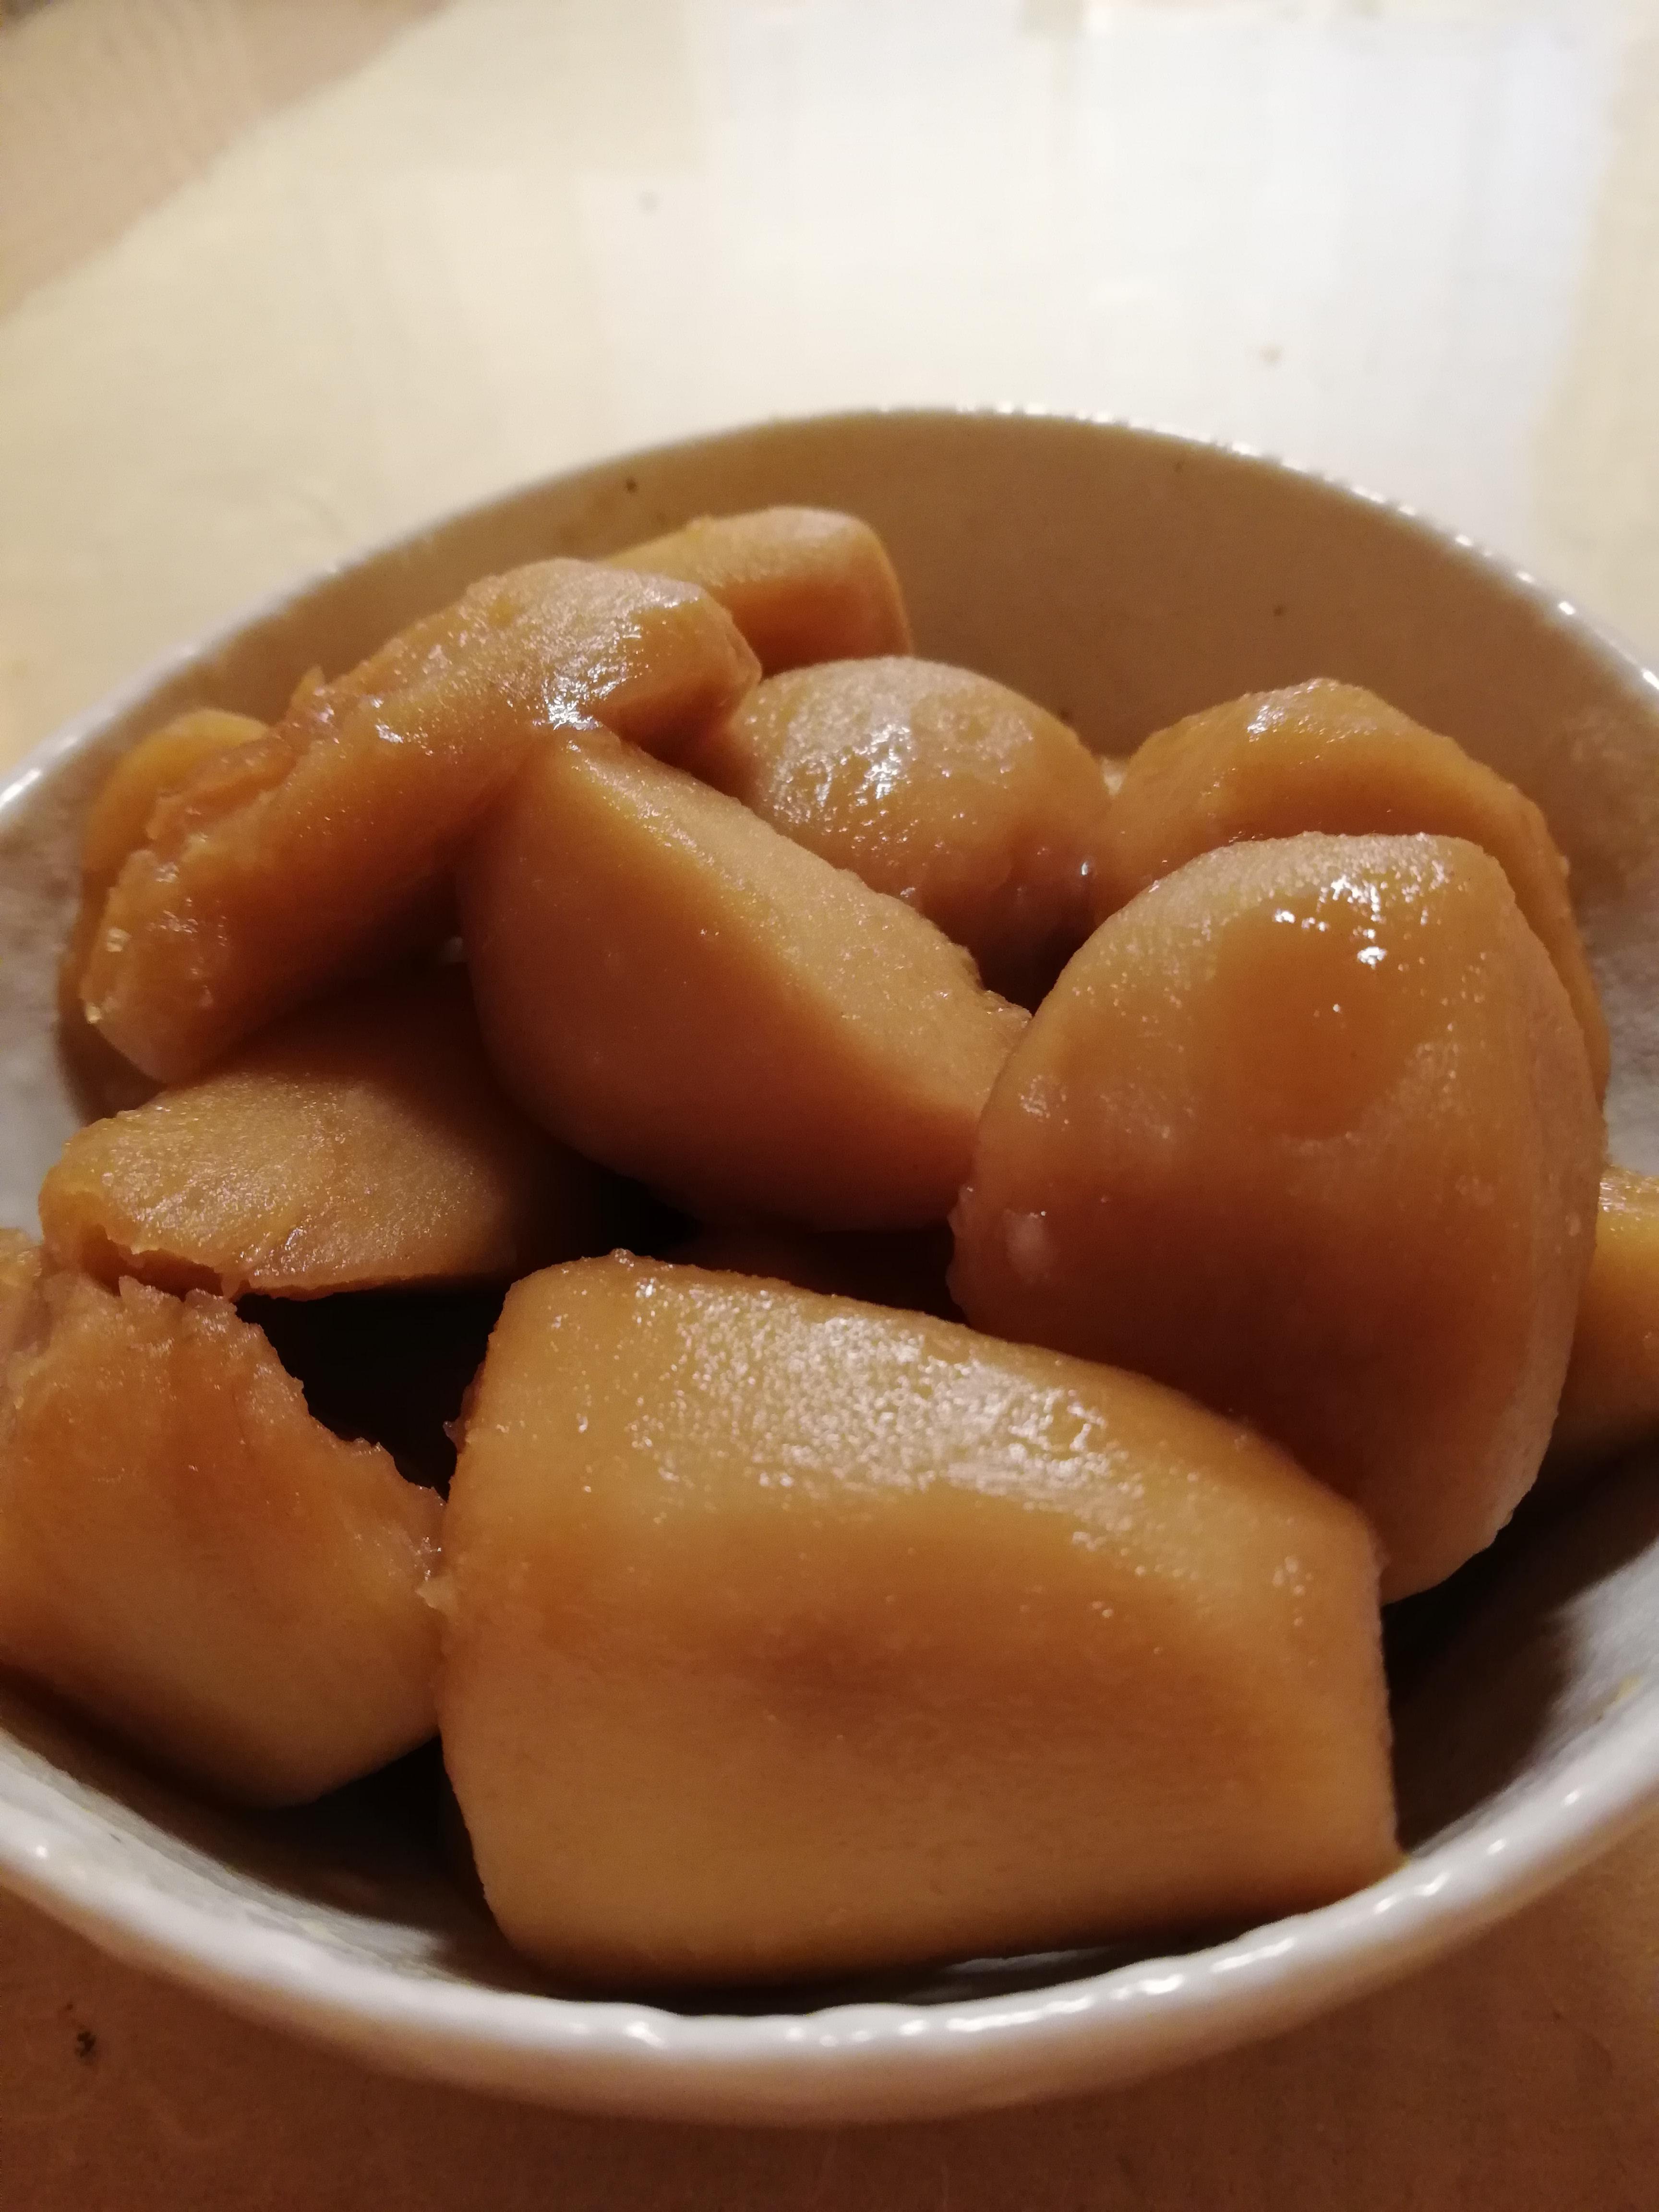 悪戸芋皮むき「冷凍」のおいしい使い方(o´▽`o)